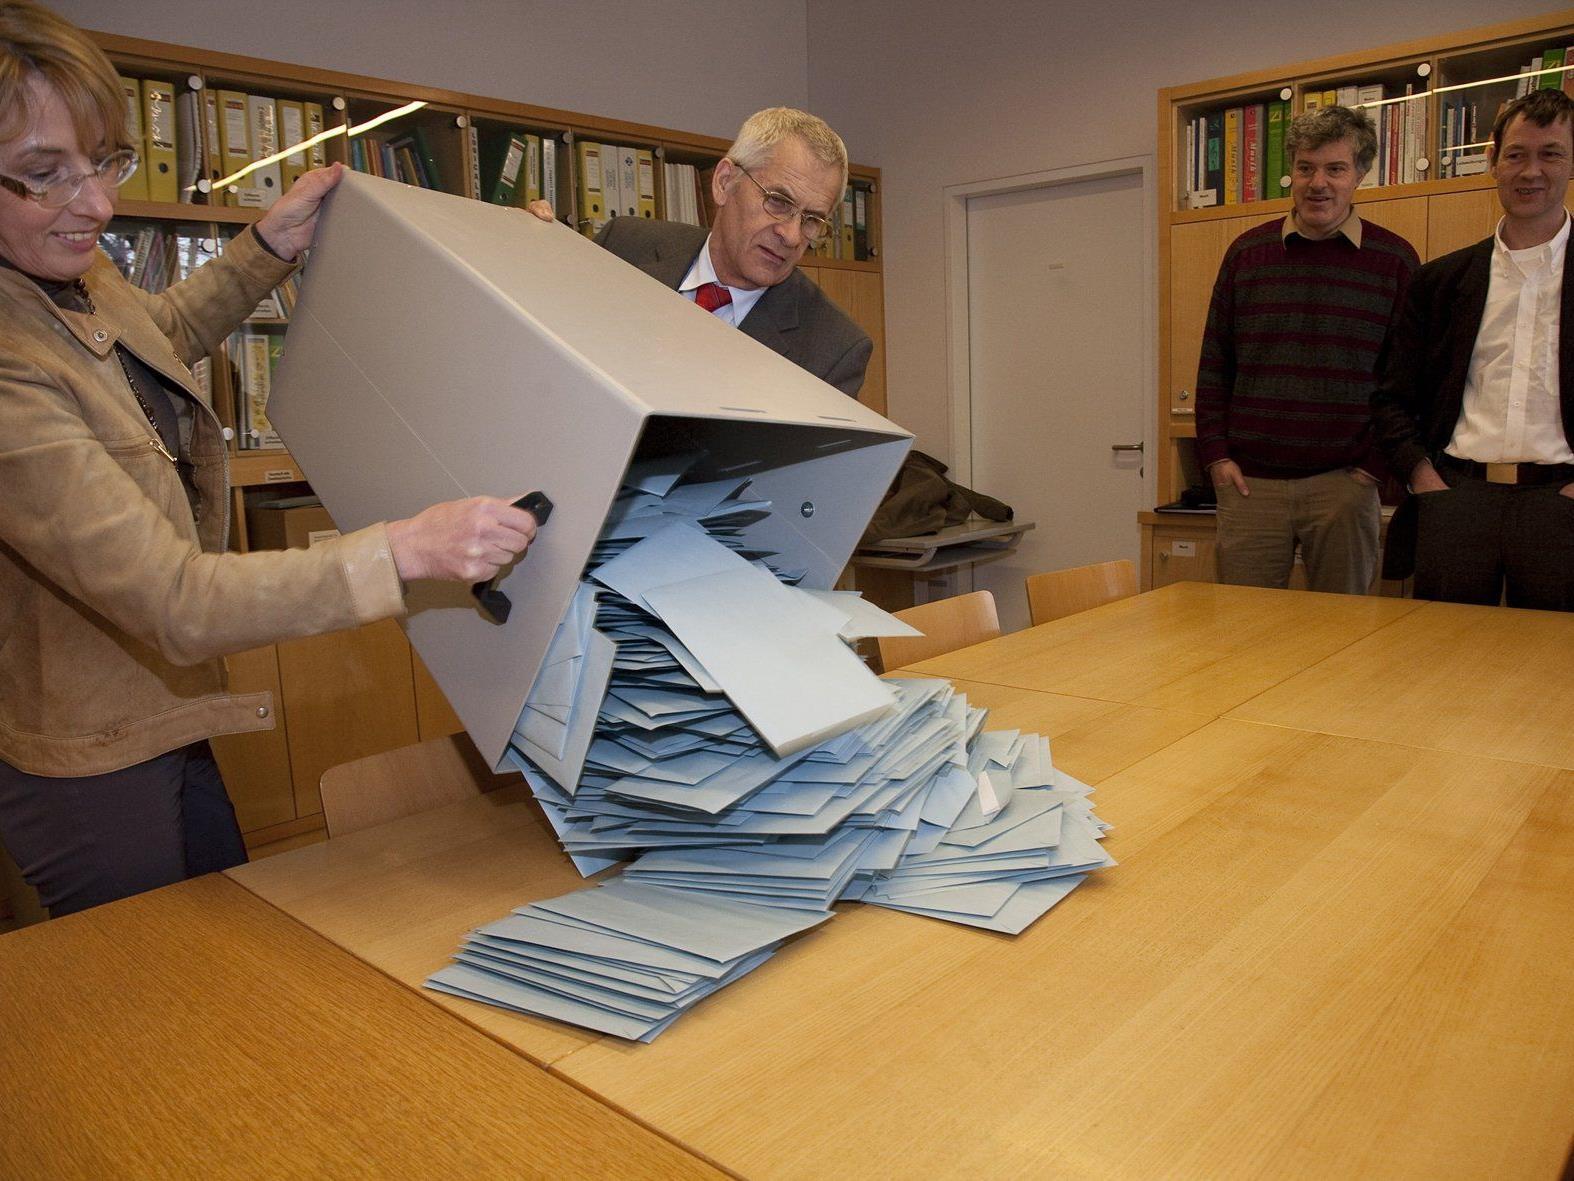 Rund 25.000 Vorarlberg geben ihre Stimme per Wahlkarte ab.